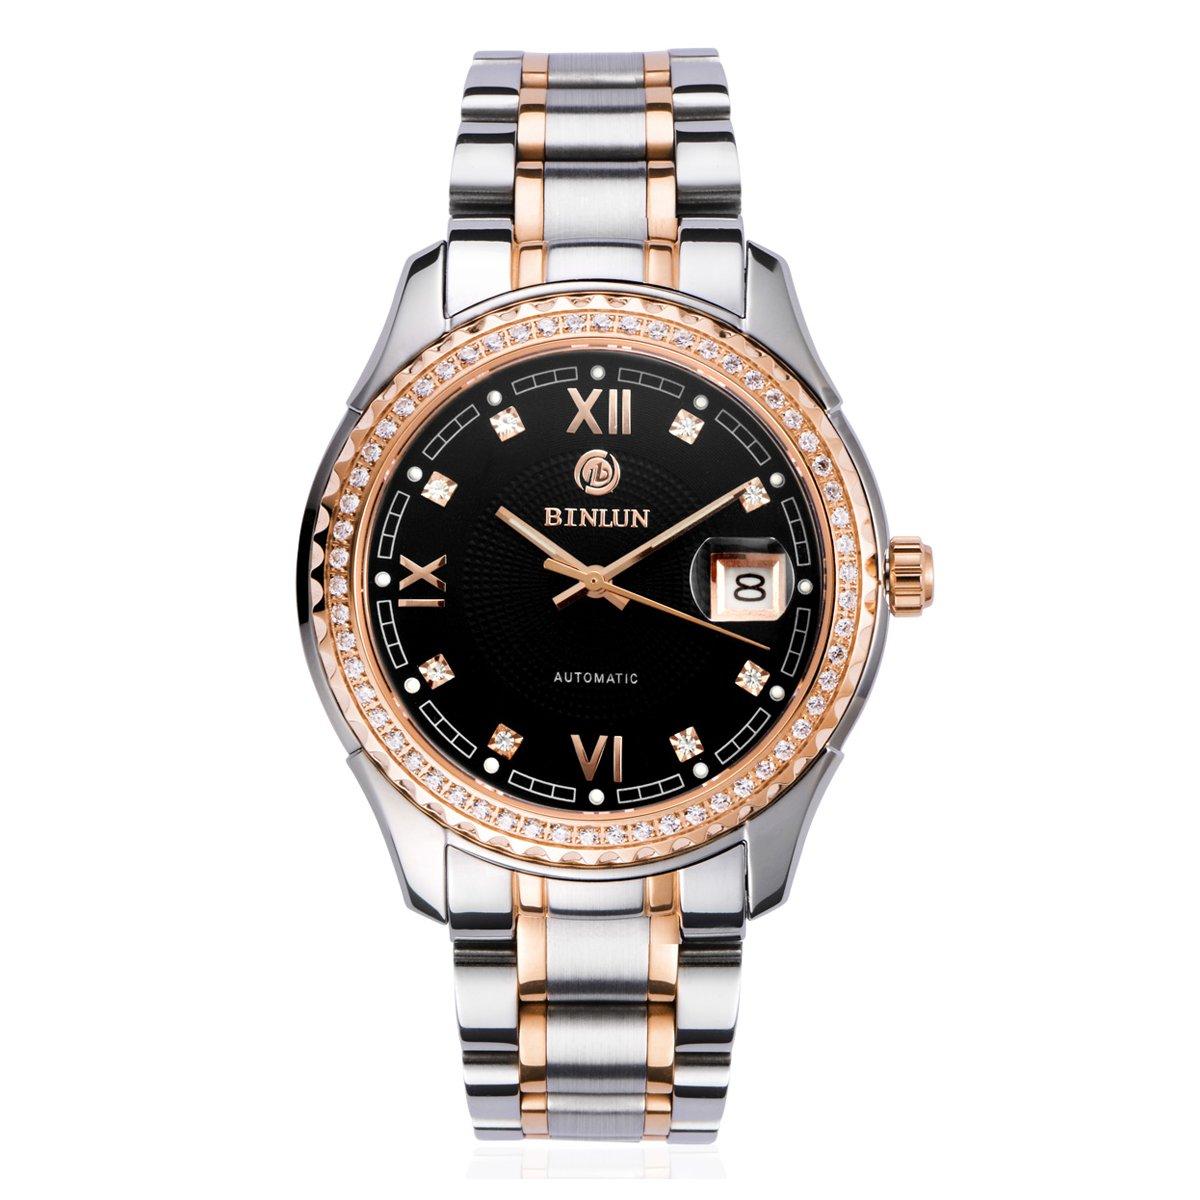 Binlun Hombres de Confianza de Cristal Resistente Bisel japonés mecánico Negro dial Acero Inoxidable Reloj Casual: Amazon.es: Relojes